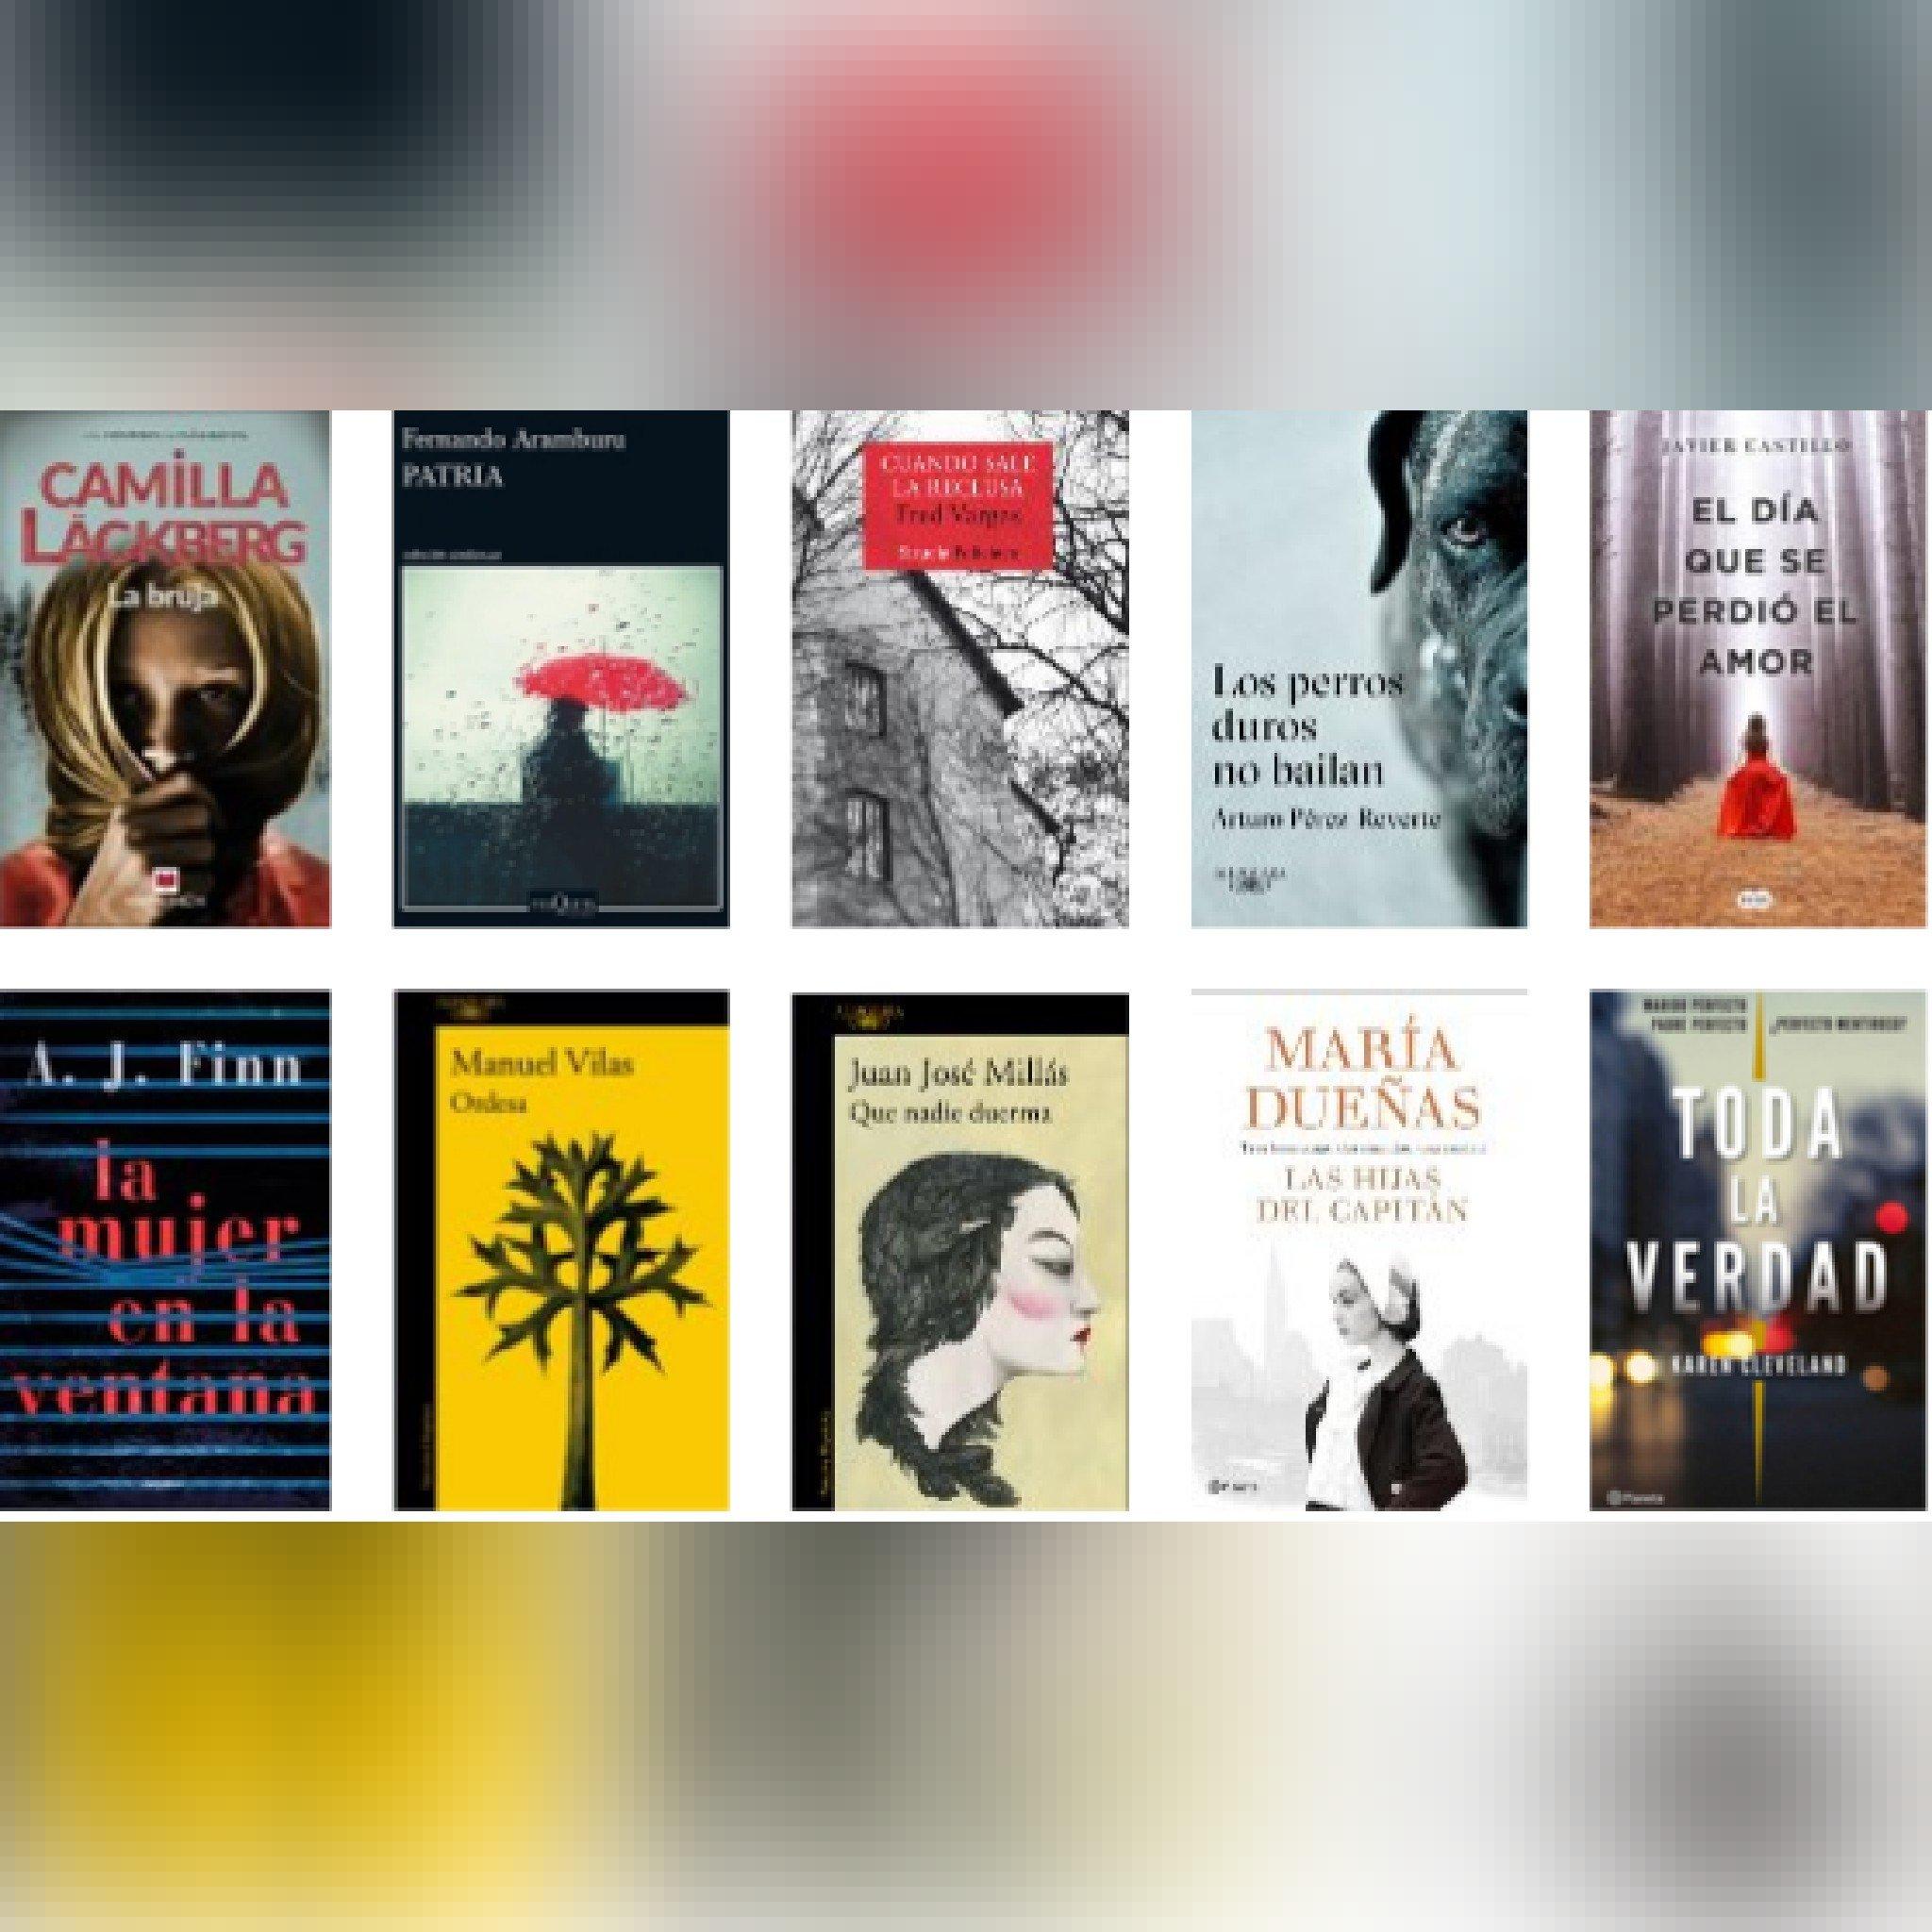 Lista libros ficción más vendidos del 16 al 22 de abril revista El Cultural